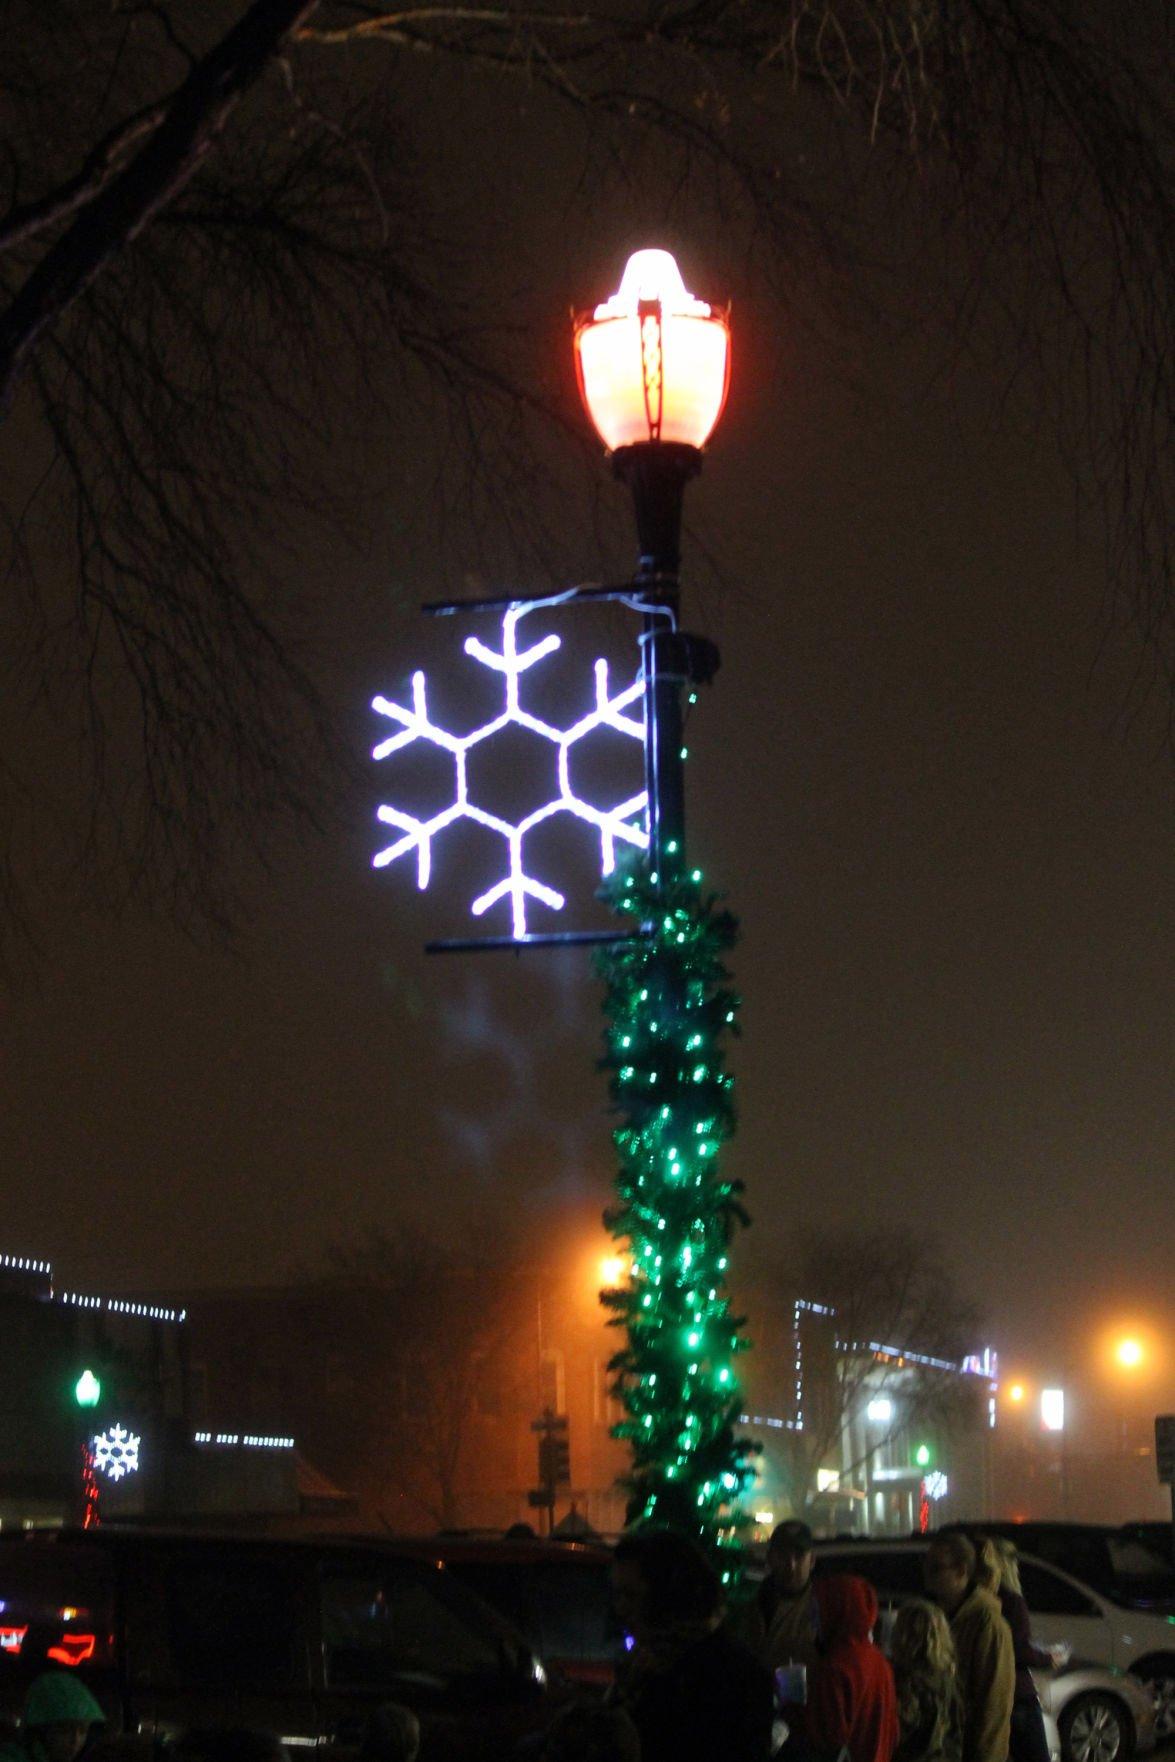 Downtown Christmas lights